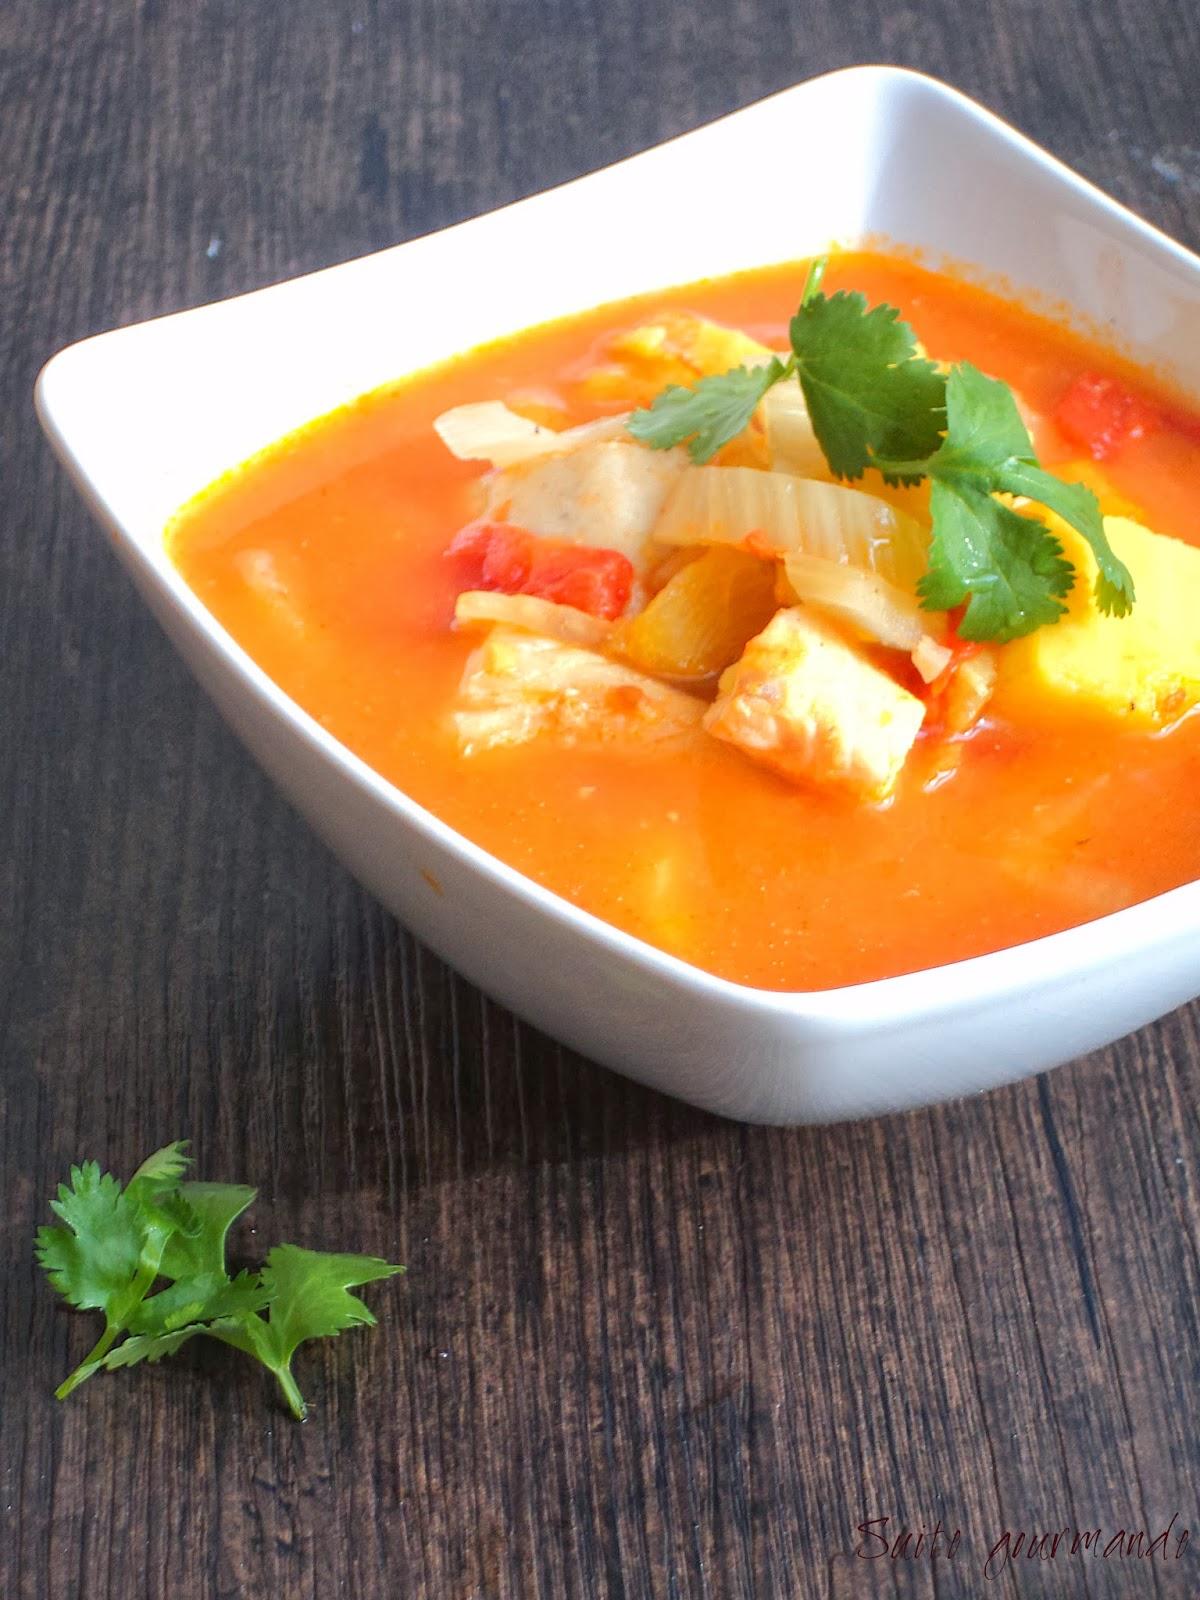 soupe au poisson patate douce et fenouil blogs de cuisine. Black Bedroom Furniture Sets. Home Design Ideas